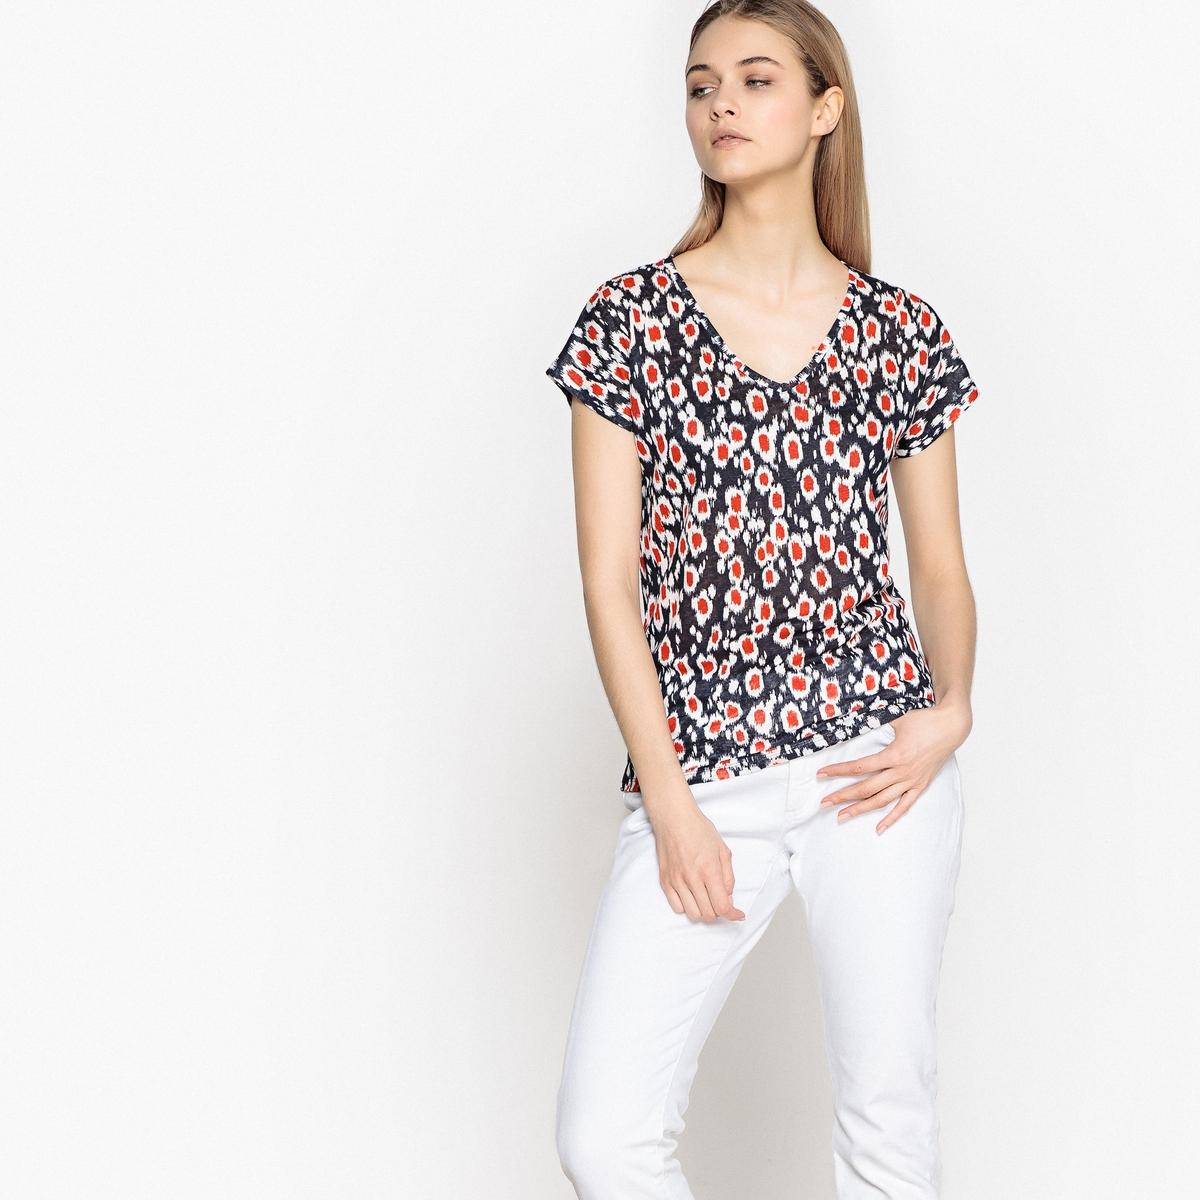 T-shirt estampada com decote em V, mangas curtas